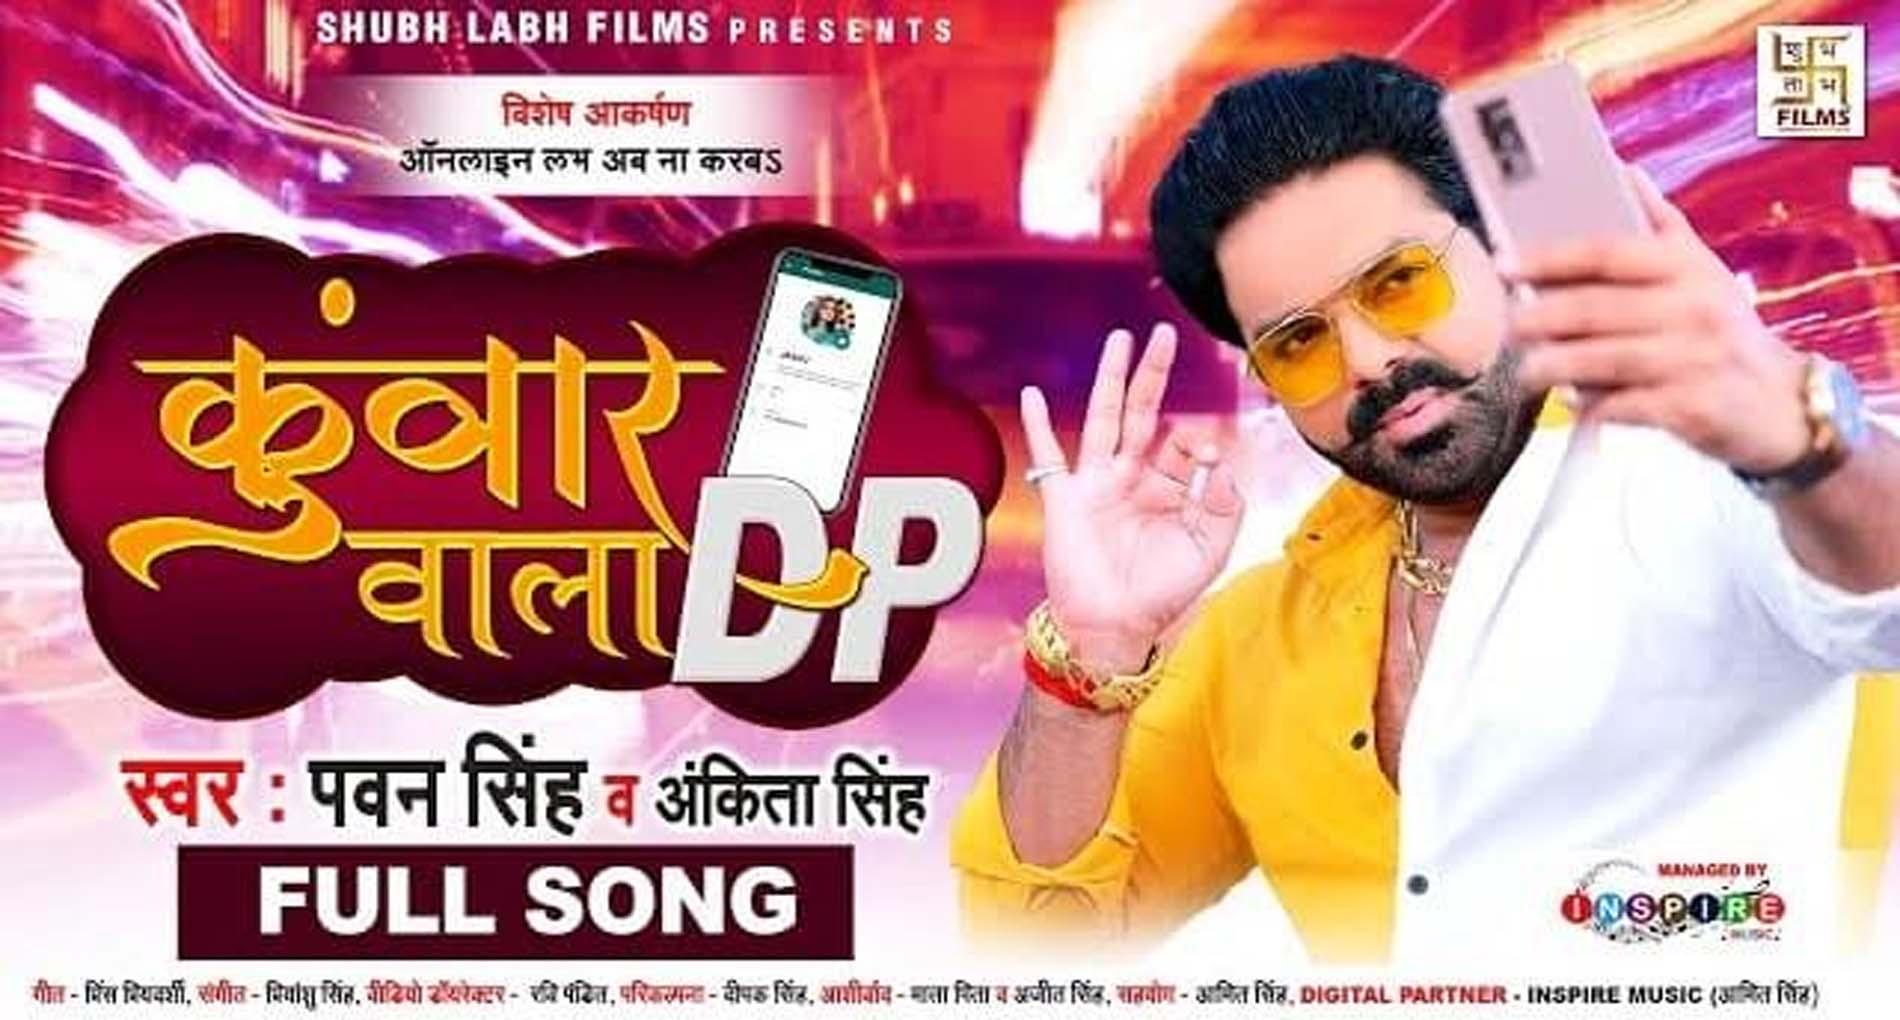 पवन सिंह का धमाकेदार भोजपुरी गाना 'कुंवार वाला डीपी' हुआ वायरल! देखें वीडियो